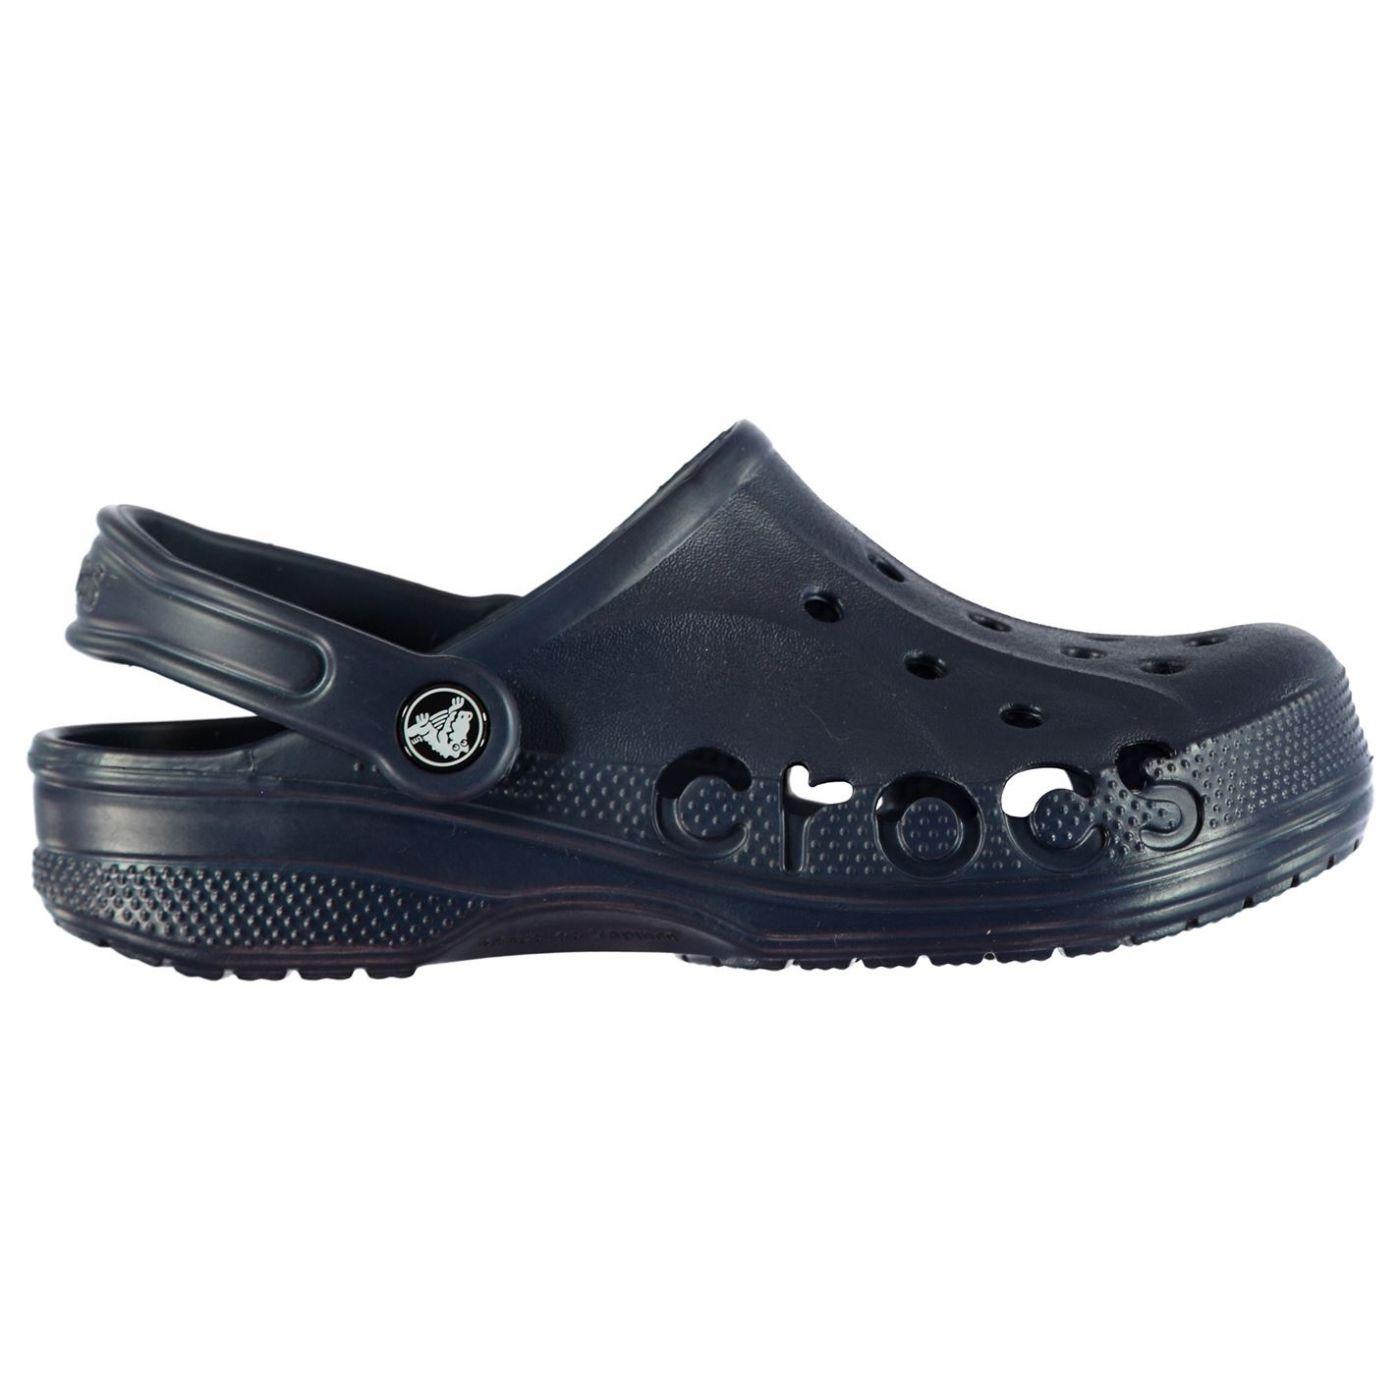 Crocs Baya Clog Jnr93